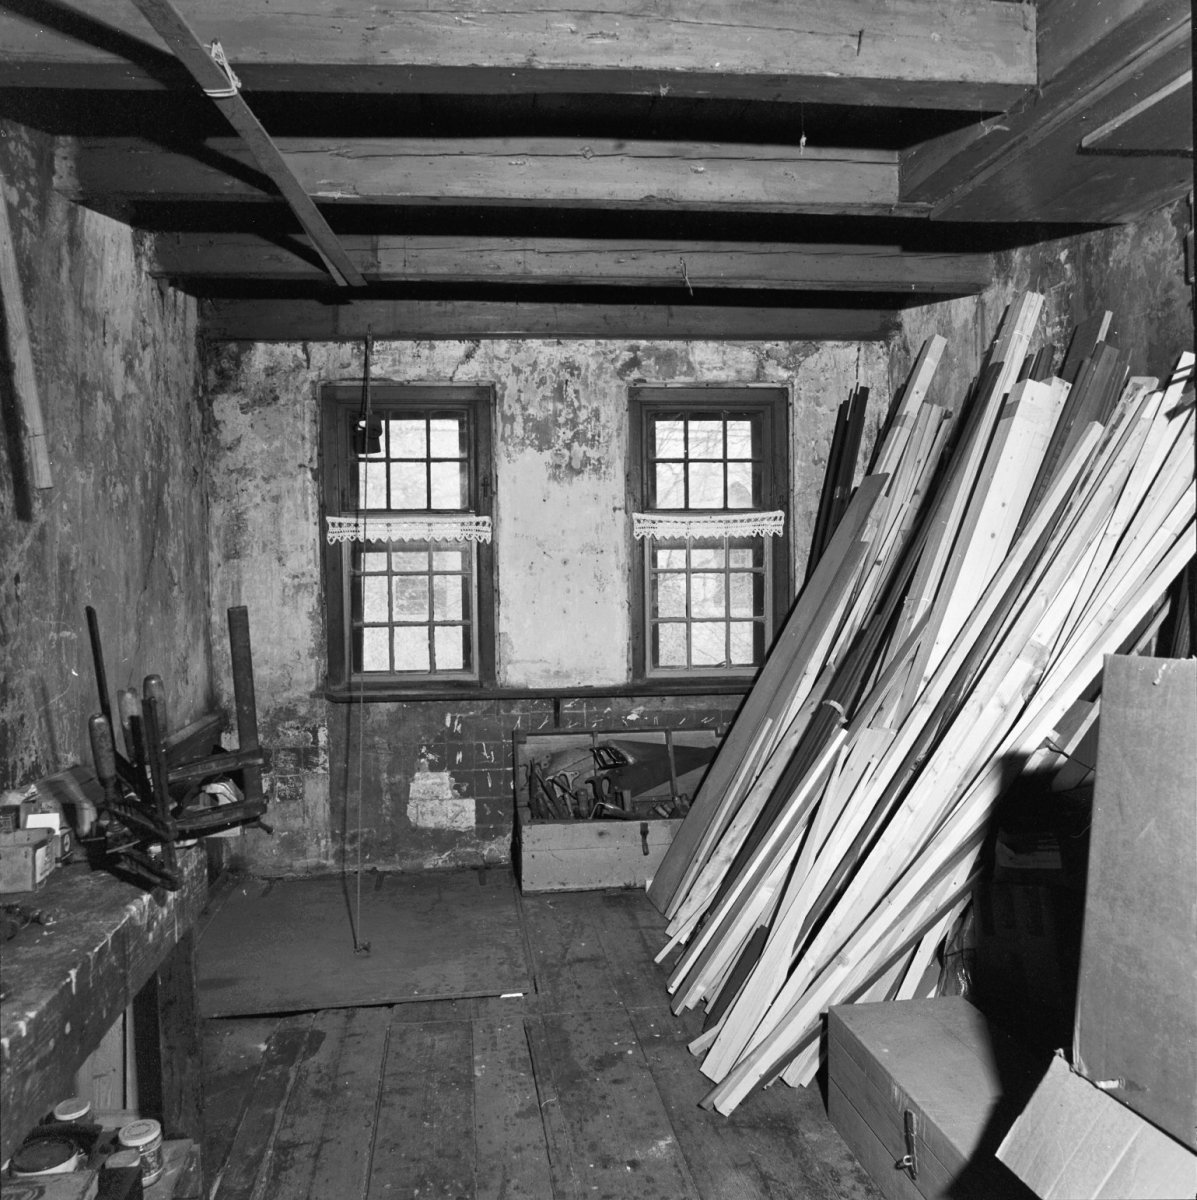 File interieur ruimte met balkenplafond en houten vloer binnengevel met twee schuiframen met - Ruimte model kamer houten ...